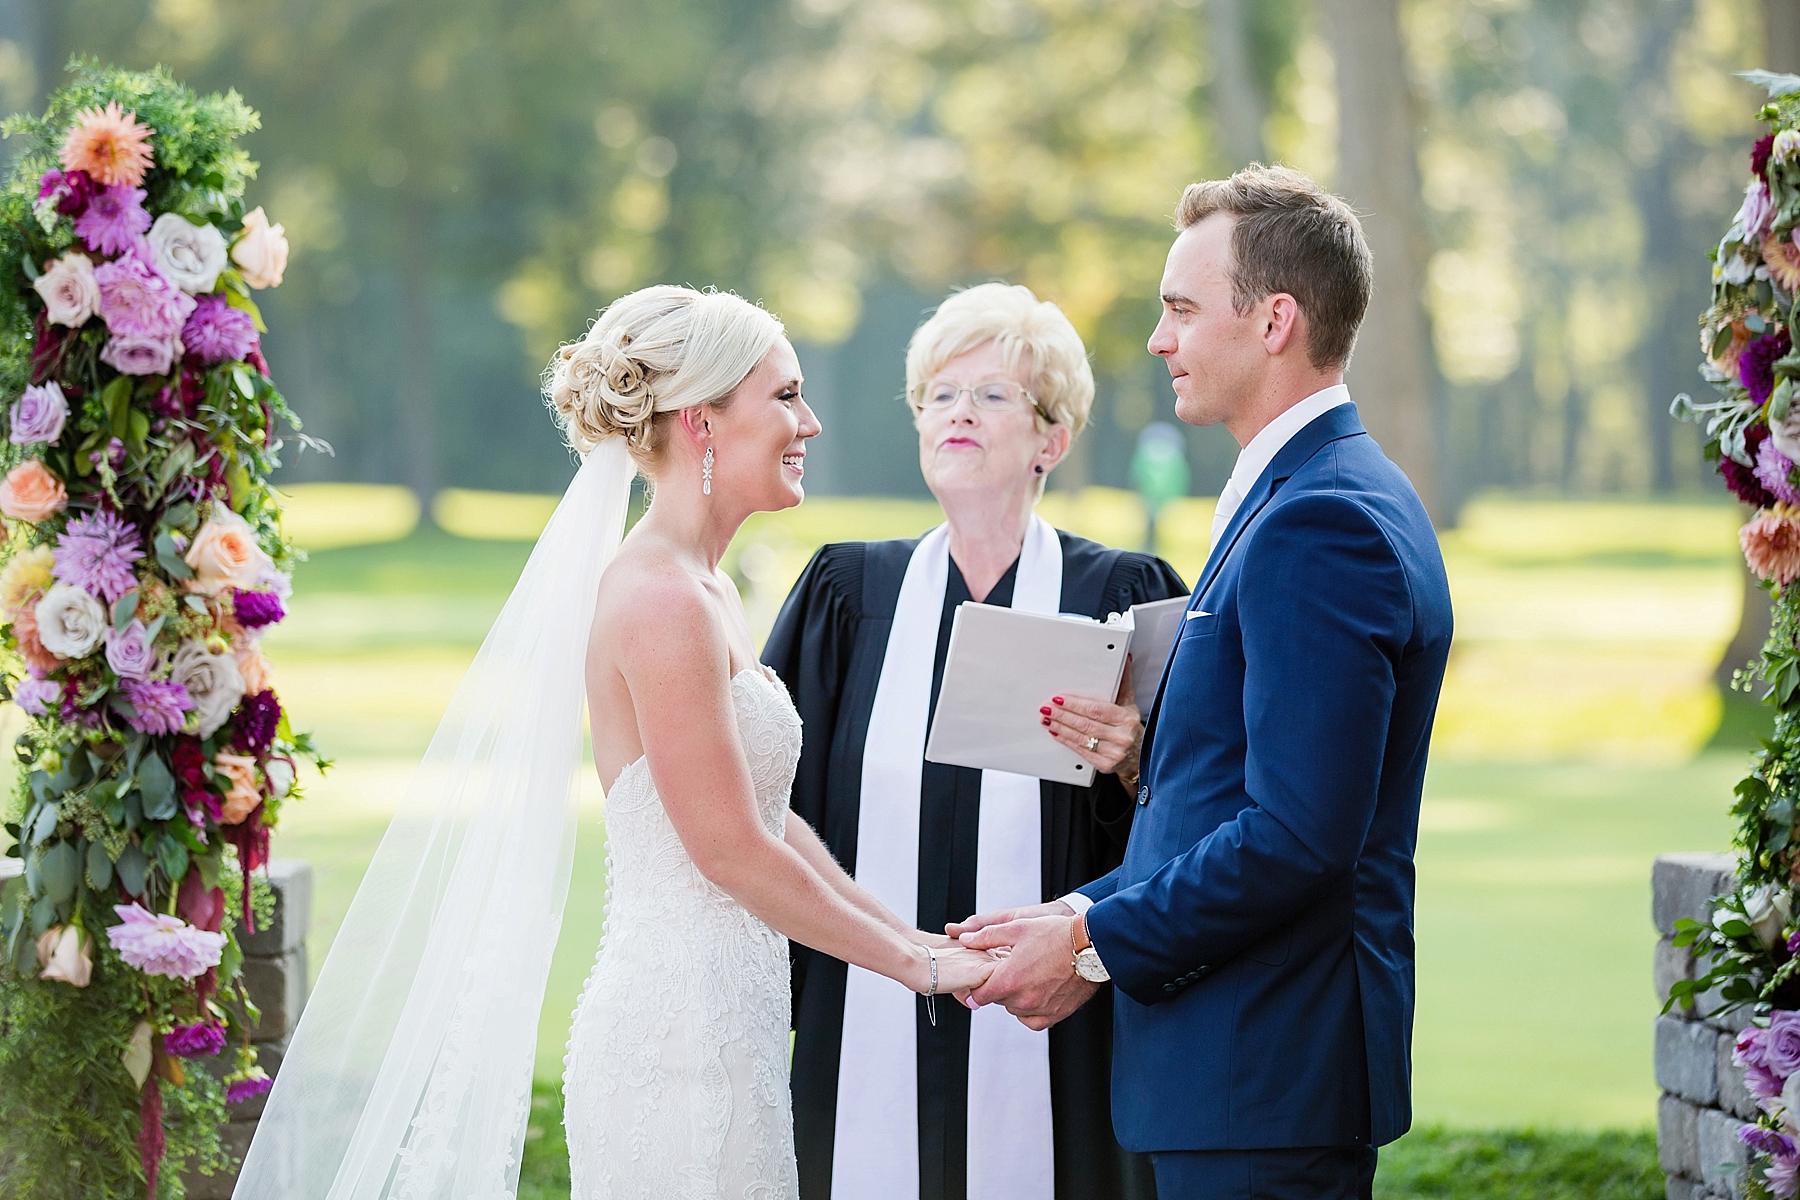 windsor-wedding-photographer-essex-golf-country-club-wedding-eryn-shea-photography_0030.jpg